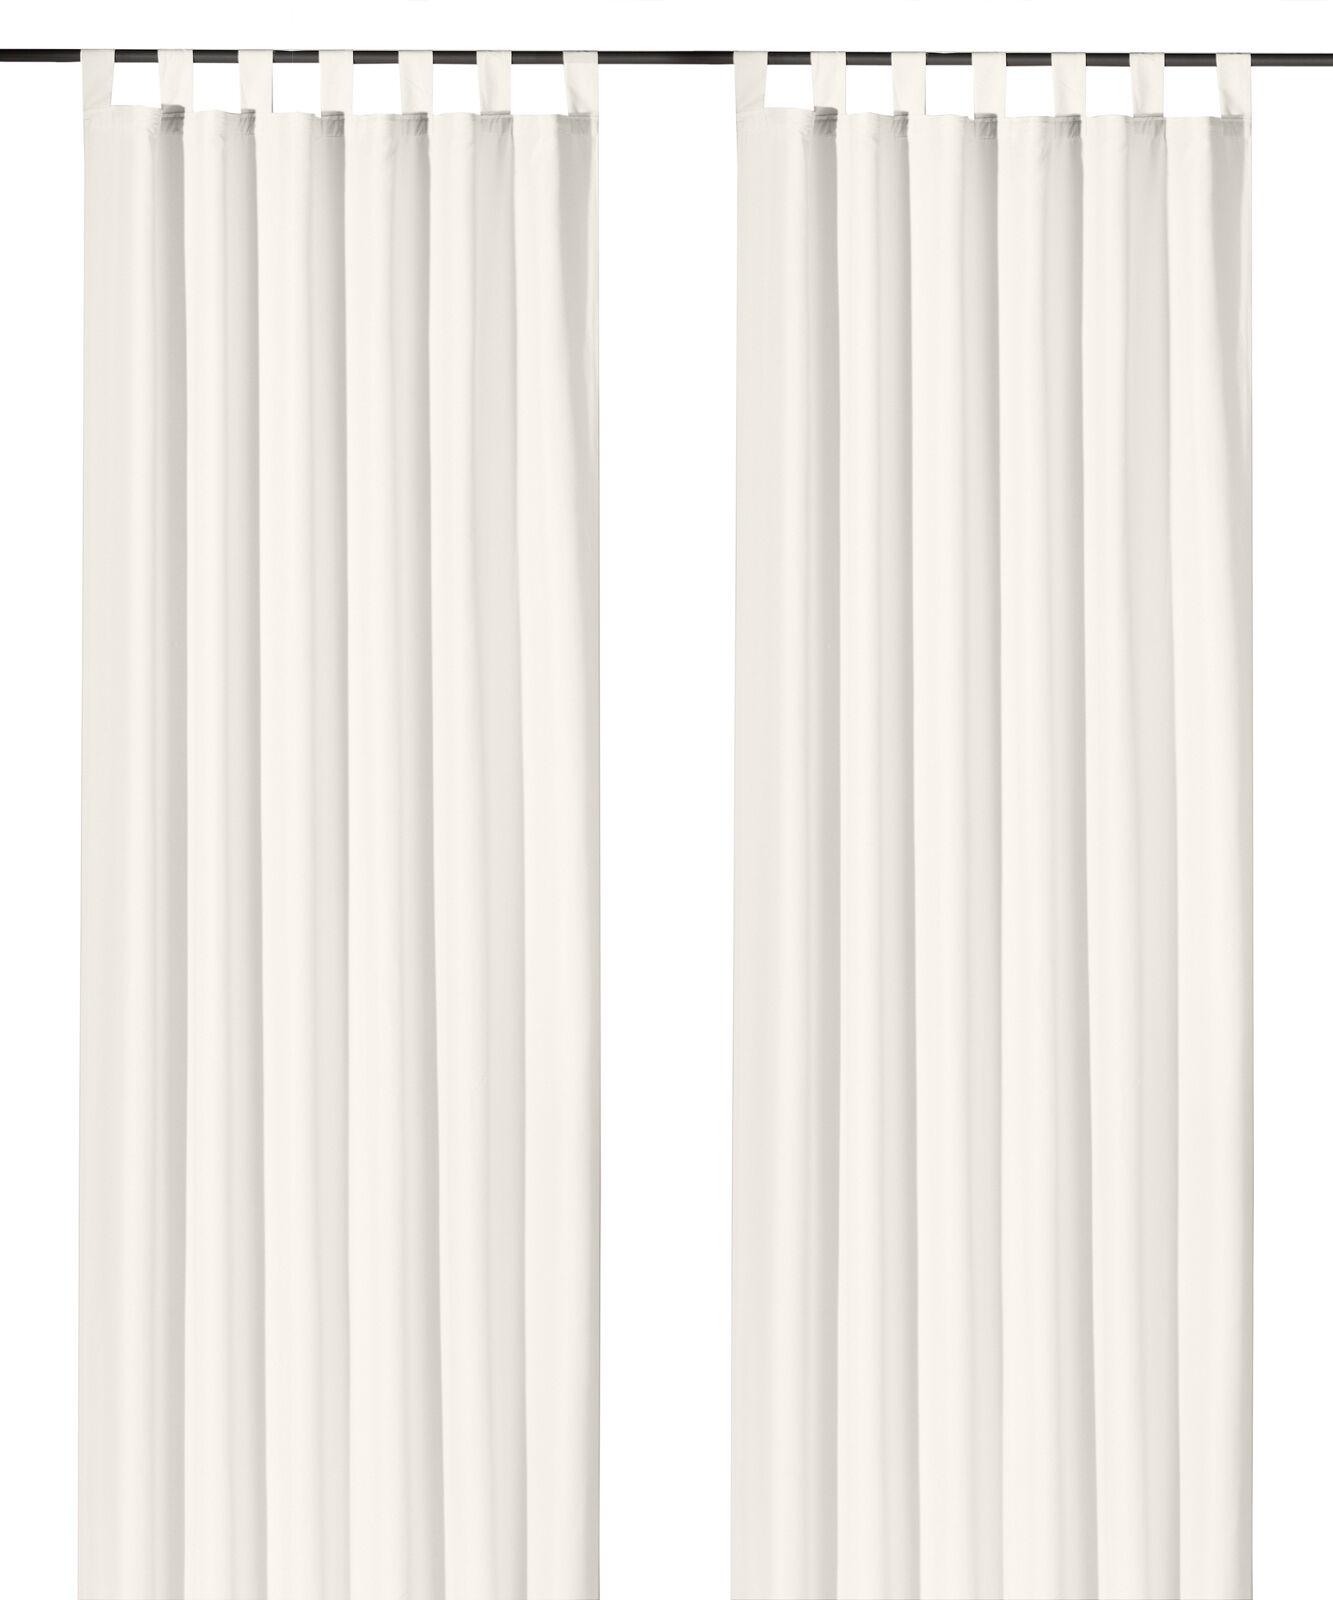 Schlaufenschal-inkl-Kraeuselband-blickdicht-Gardine-Vorhang-Dekoschal-Uni-Typ117 Indexbild 30